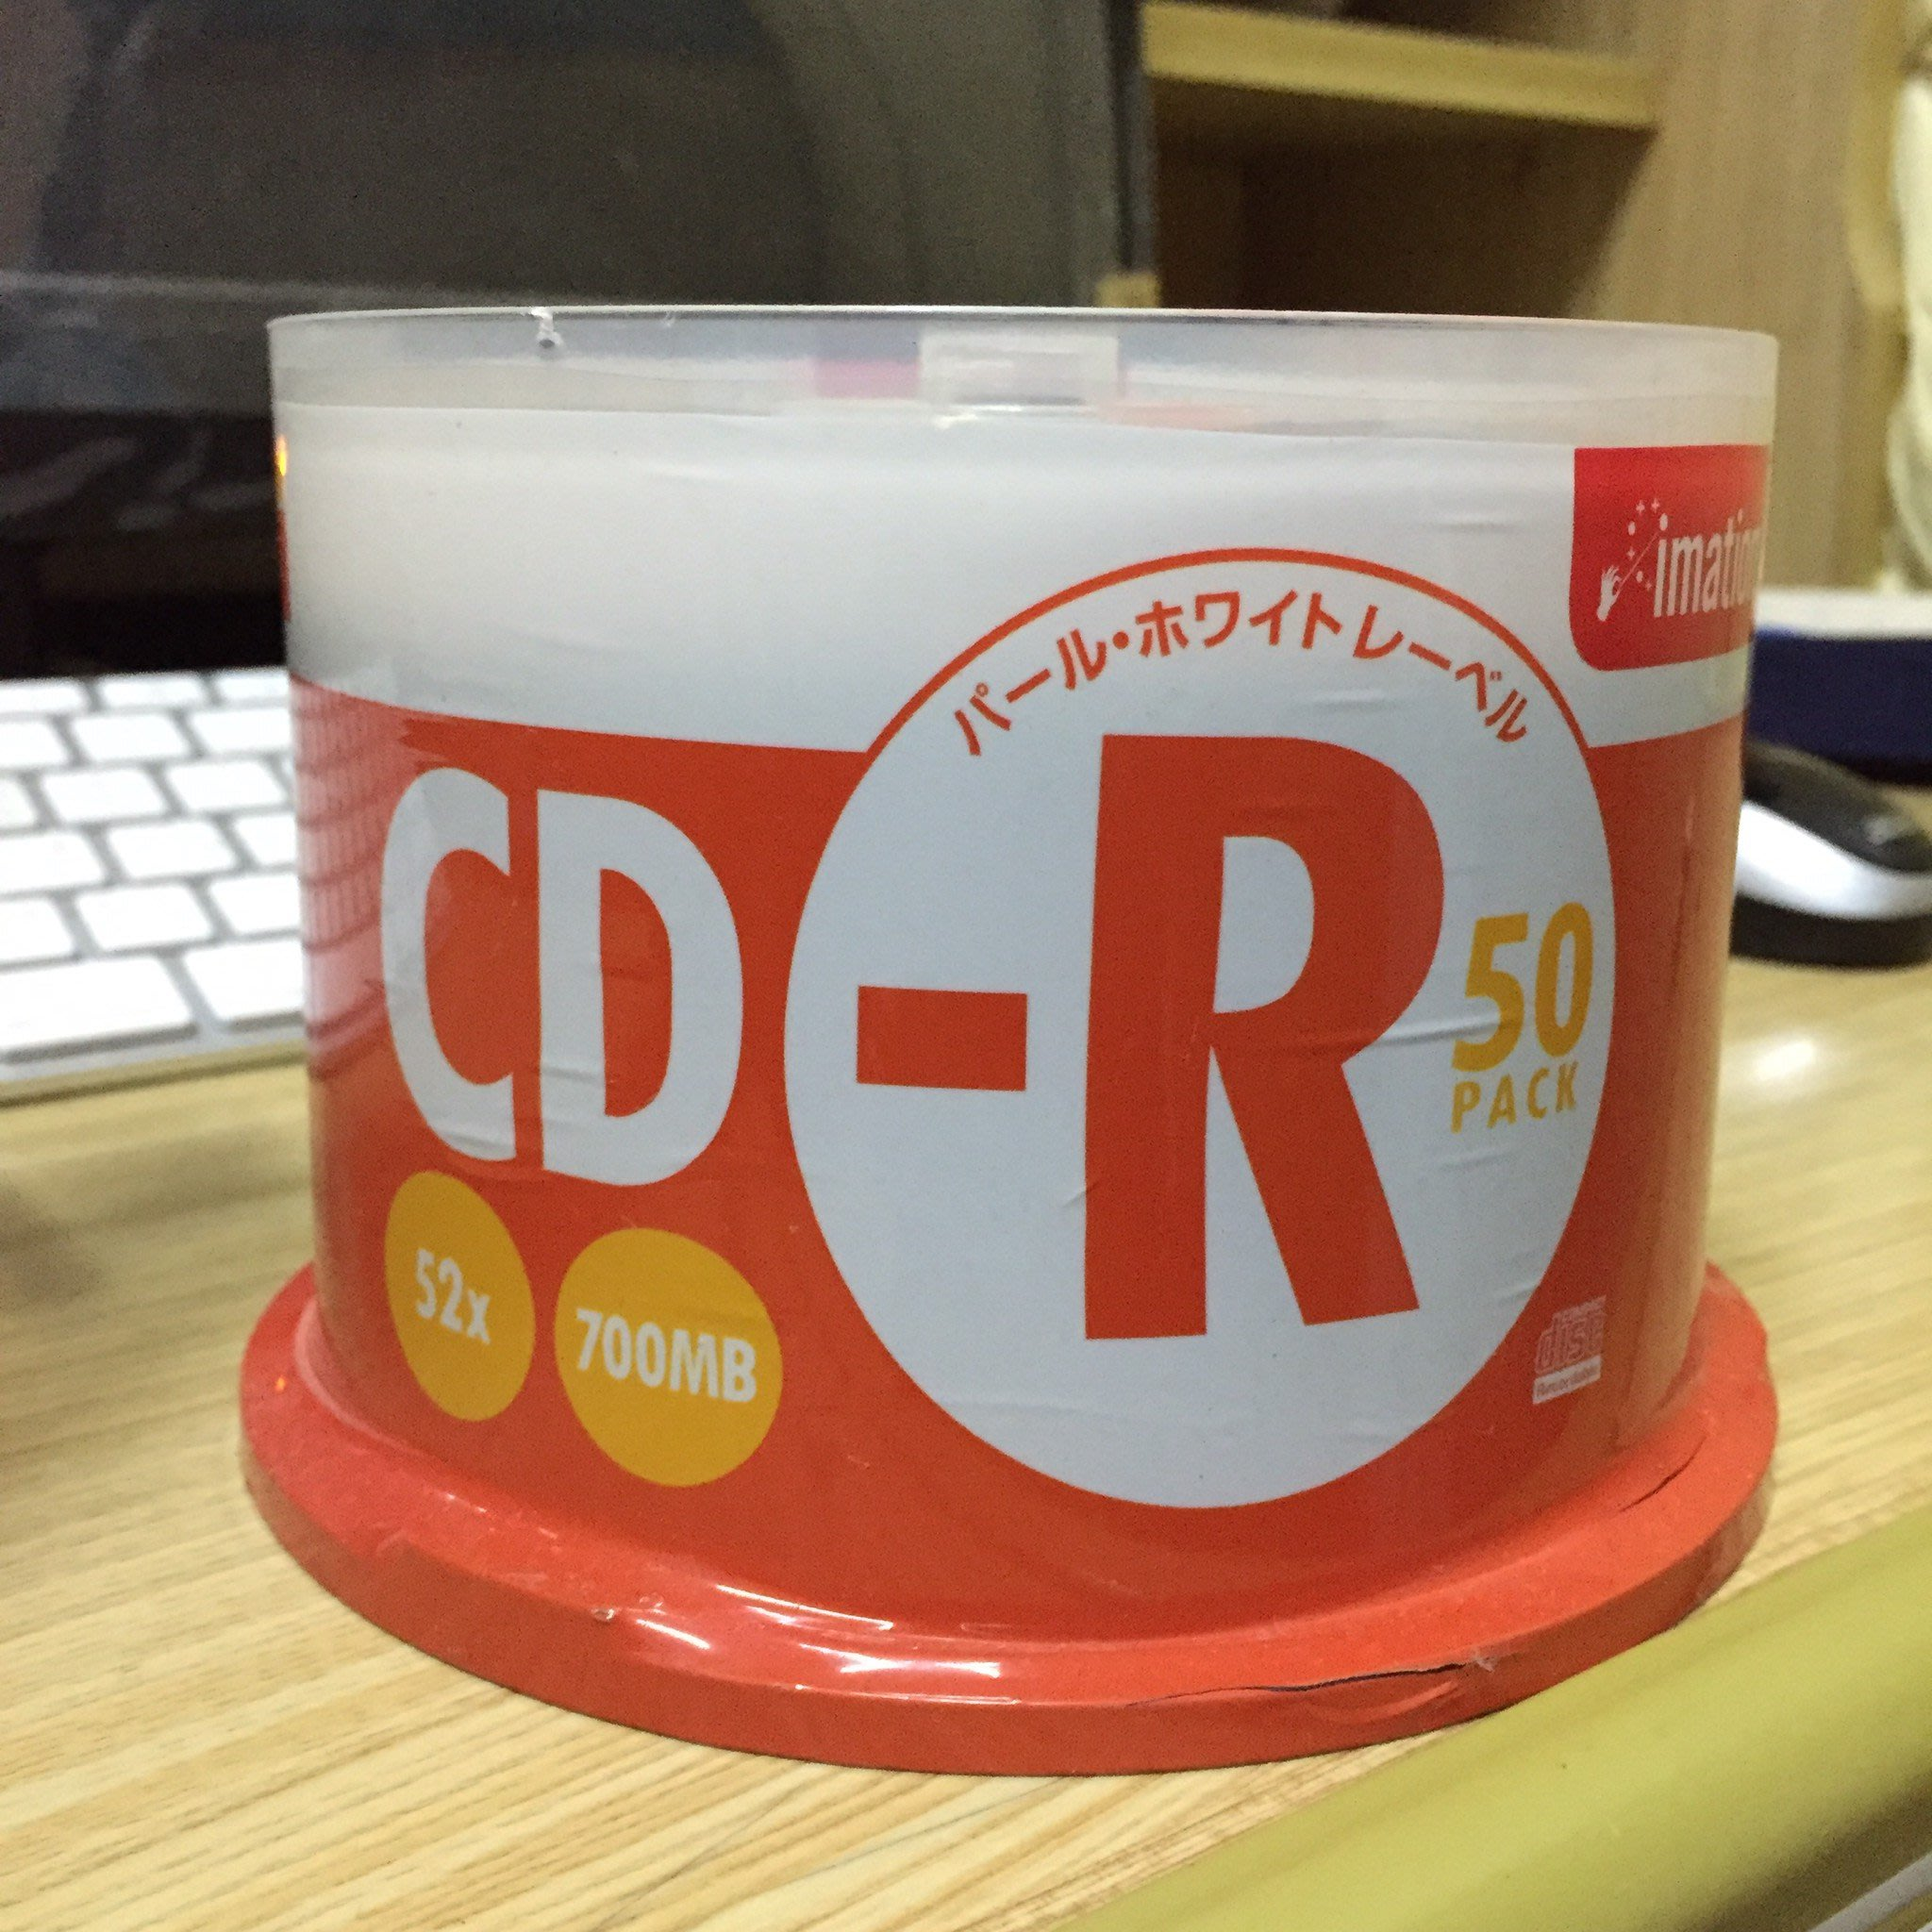 [出清] 日本進口 Imation 怡敏信 CD-R 可印式滿版燒錄片 700MB 50片(三菱/中環/錸德 可參考)